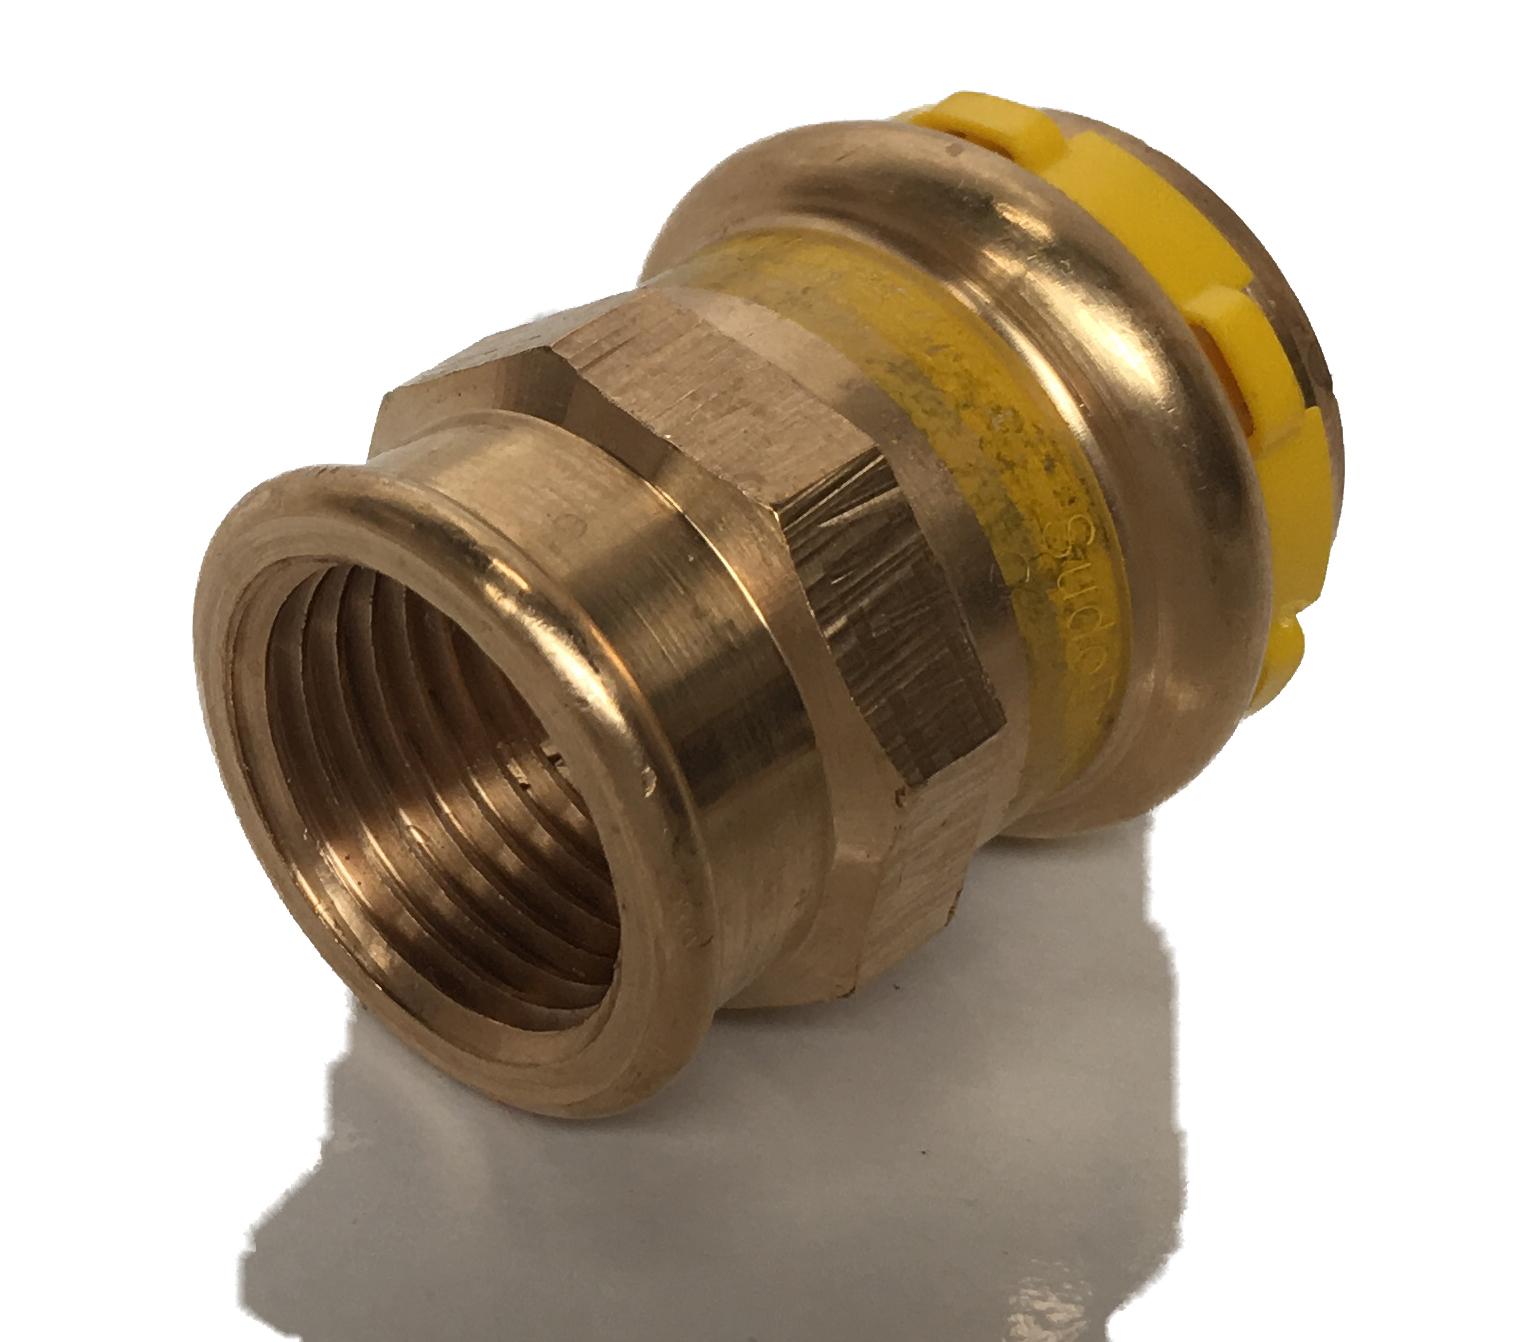 Straight fitting Copper Sudopress Press GAS 15x3/4F V-profile